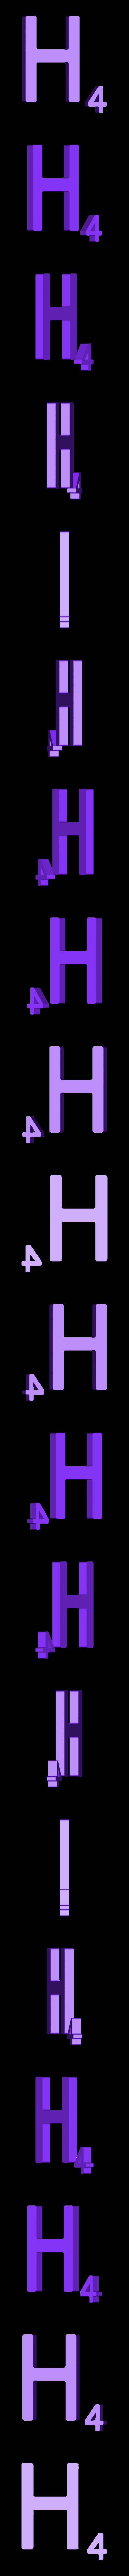 Dual_Letter_H.STL Télécharger fichier STL gratuit Pièces et support SCRABBBLE • Design pour imprimante 3D, Balkhagal4D